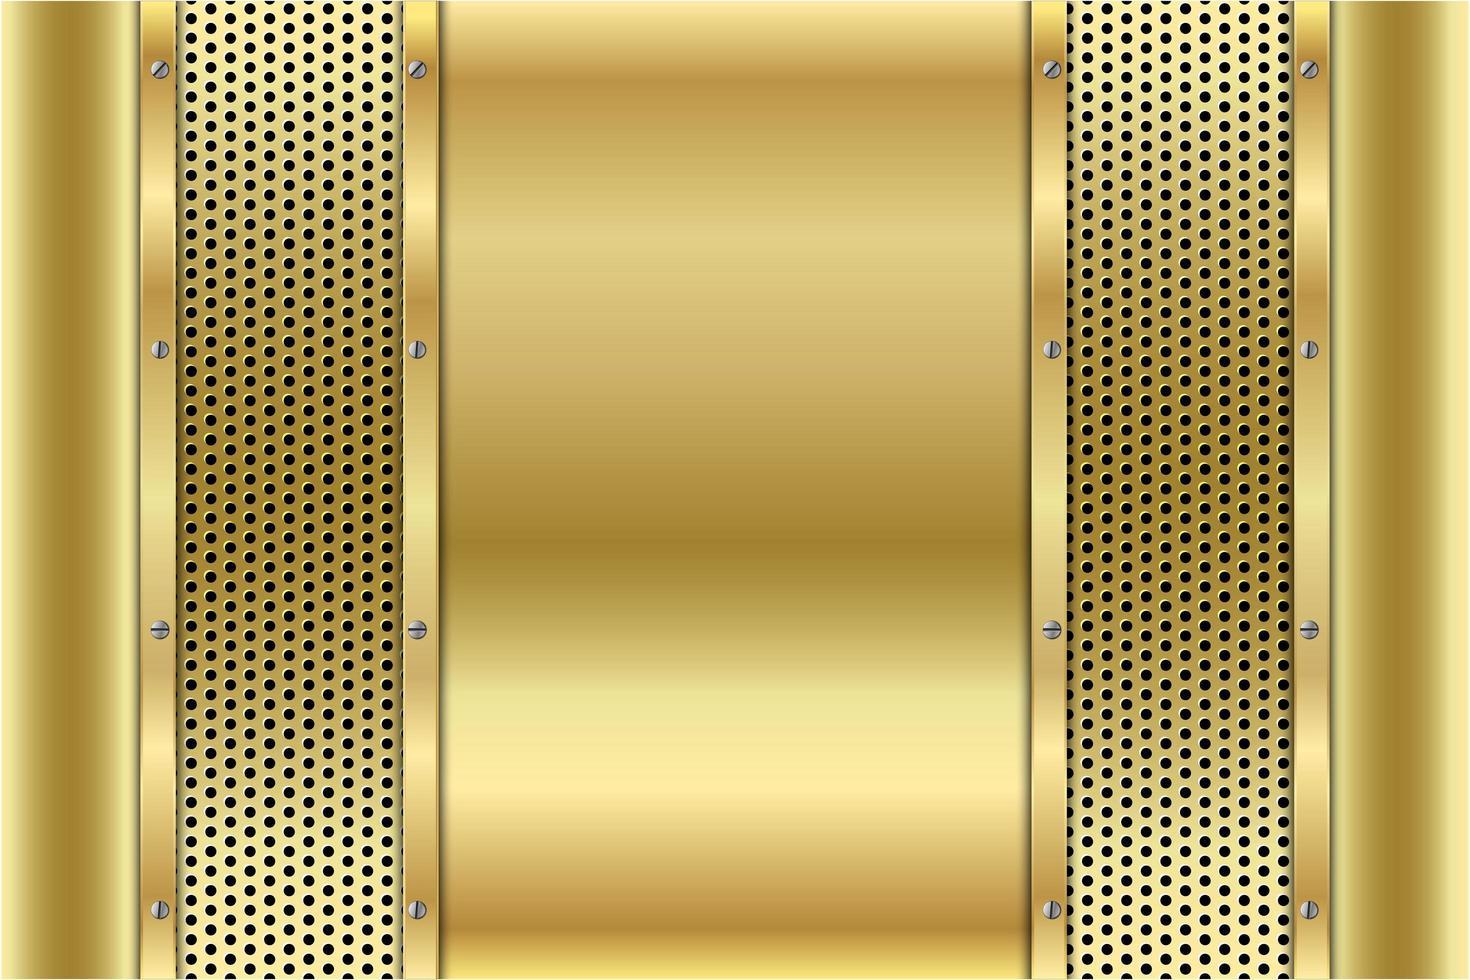 painéis de ouro metálico com parafusos em textura perfurada vetor